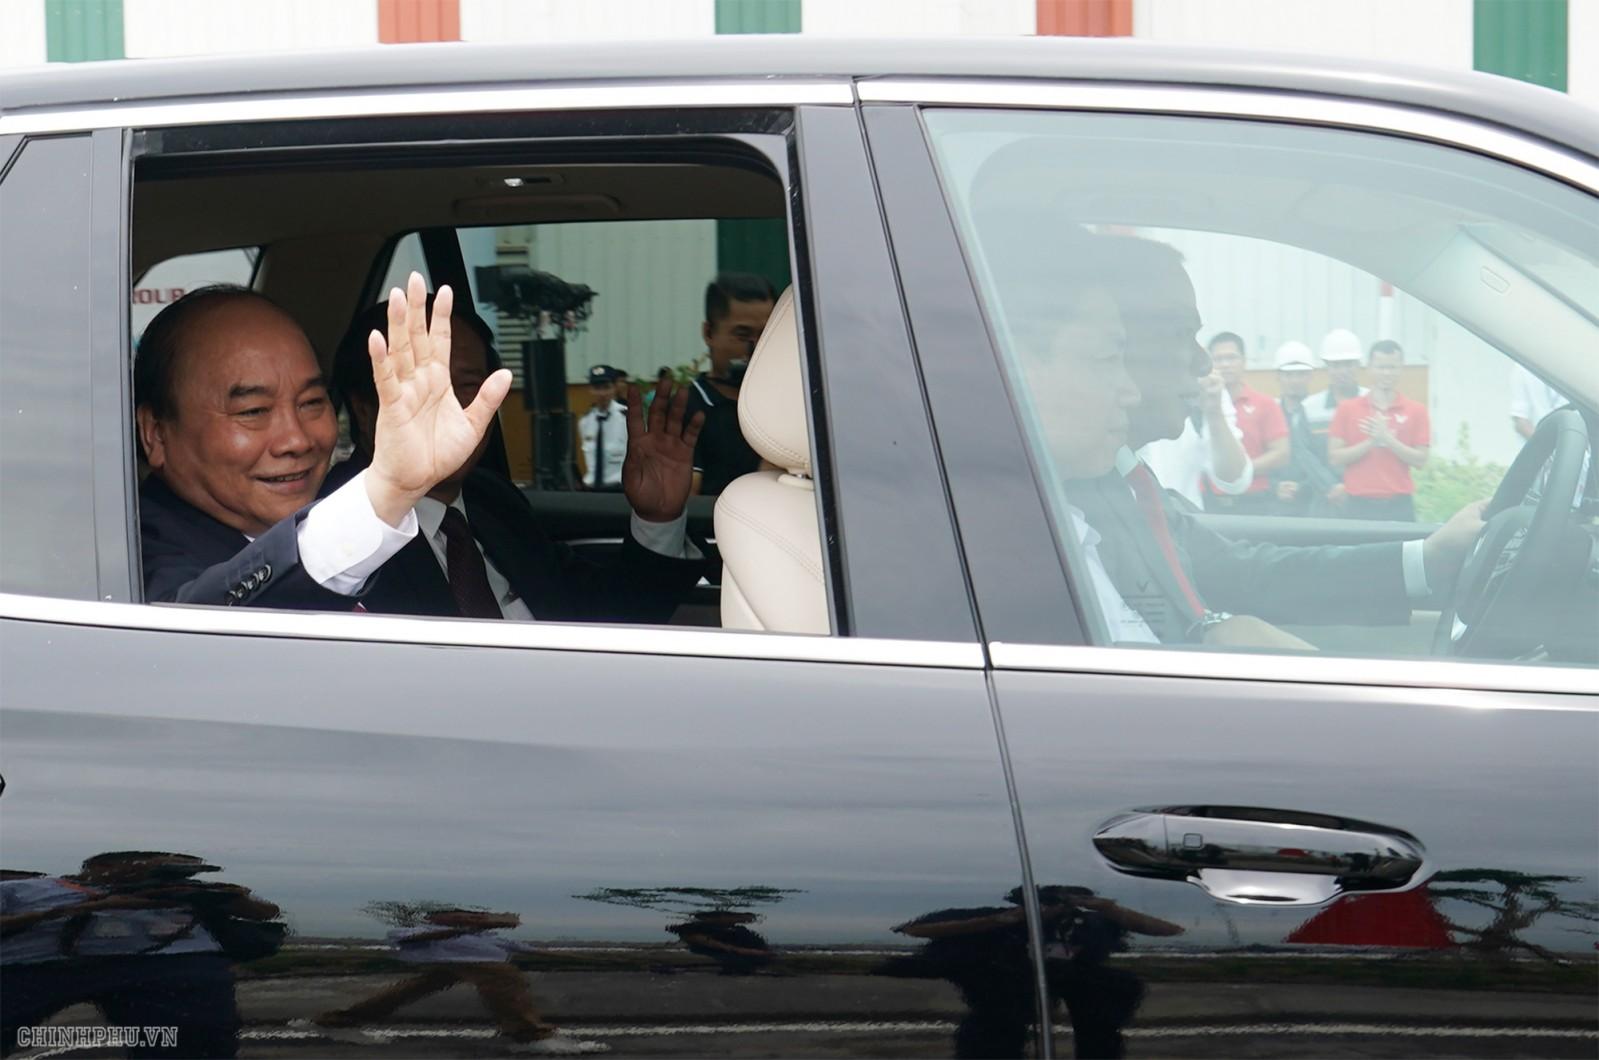 Thủ tướng trải nghiệm khả năng vận hành của xe ô tô VinFast. Ảnh: VGP/Quang Hiếu